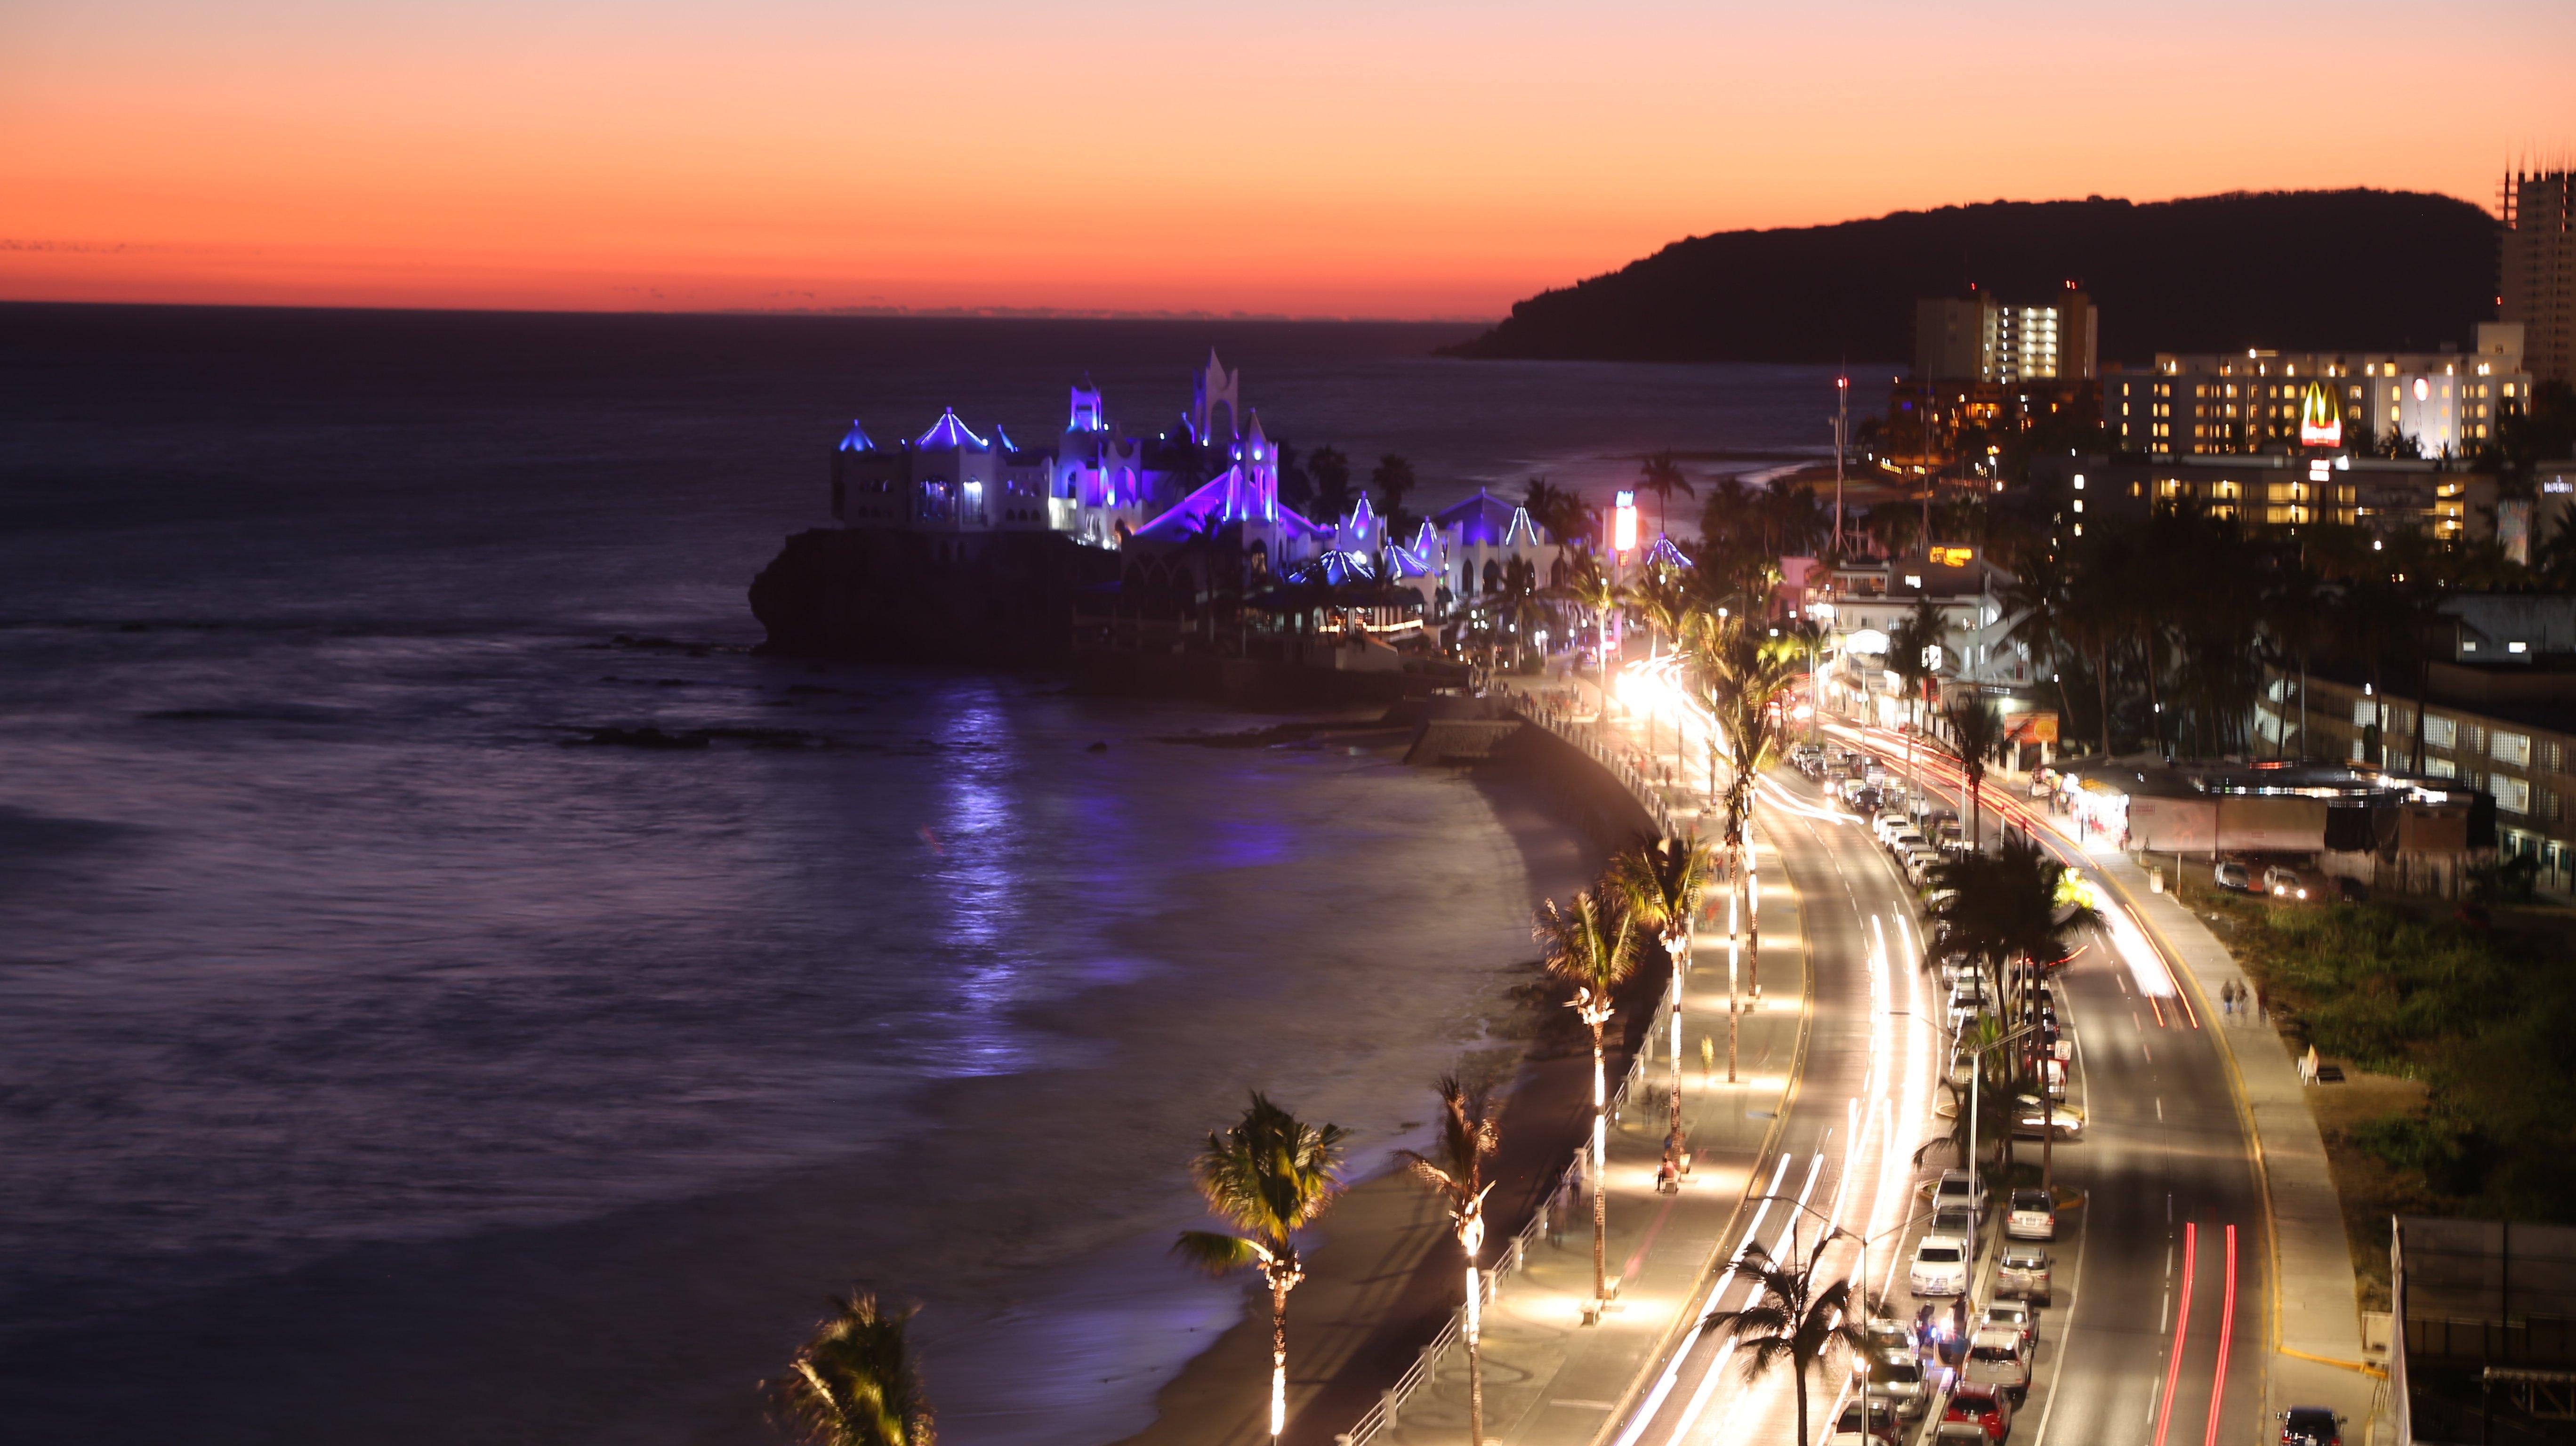 Noticias de mazatlan noticias mazatl n for Como se llama el hotel que esta debajo del mar